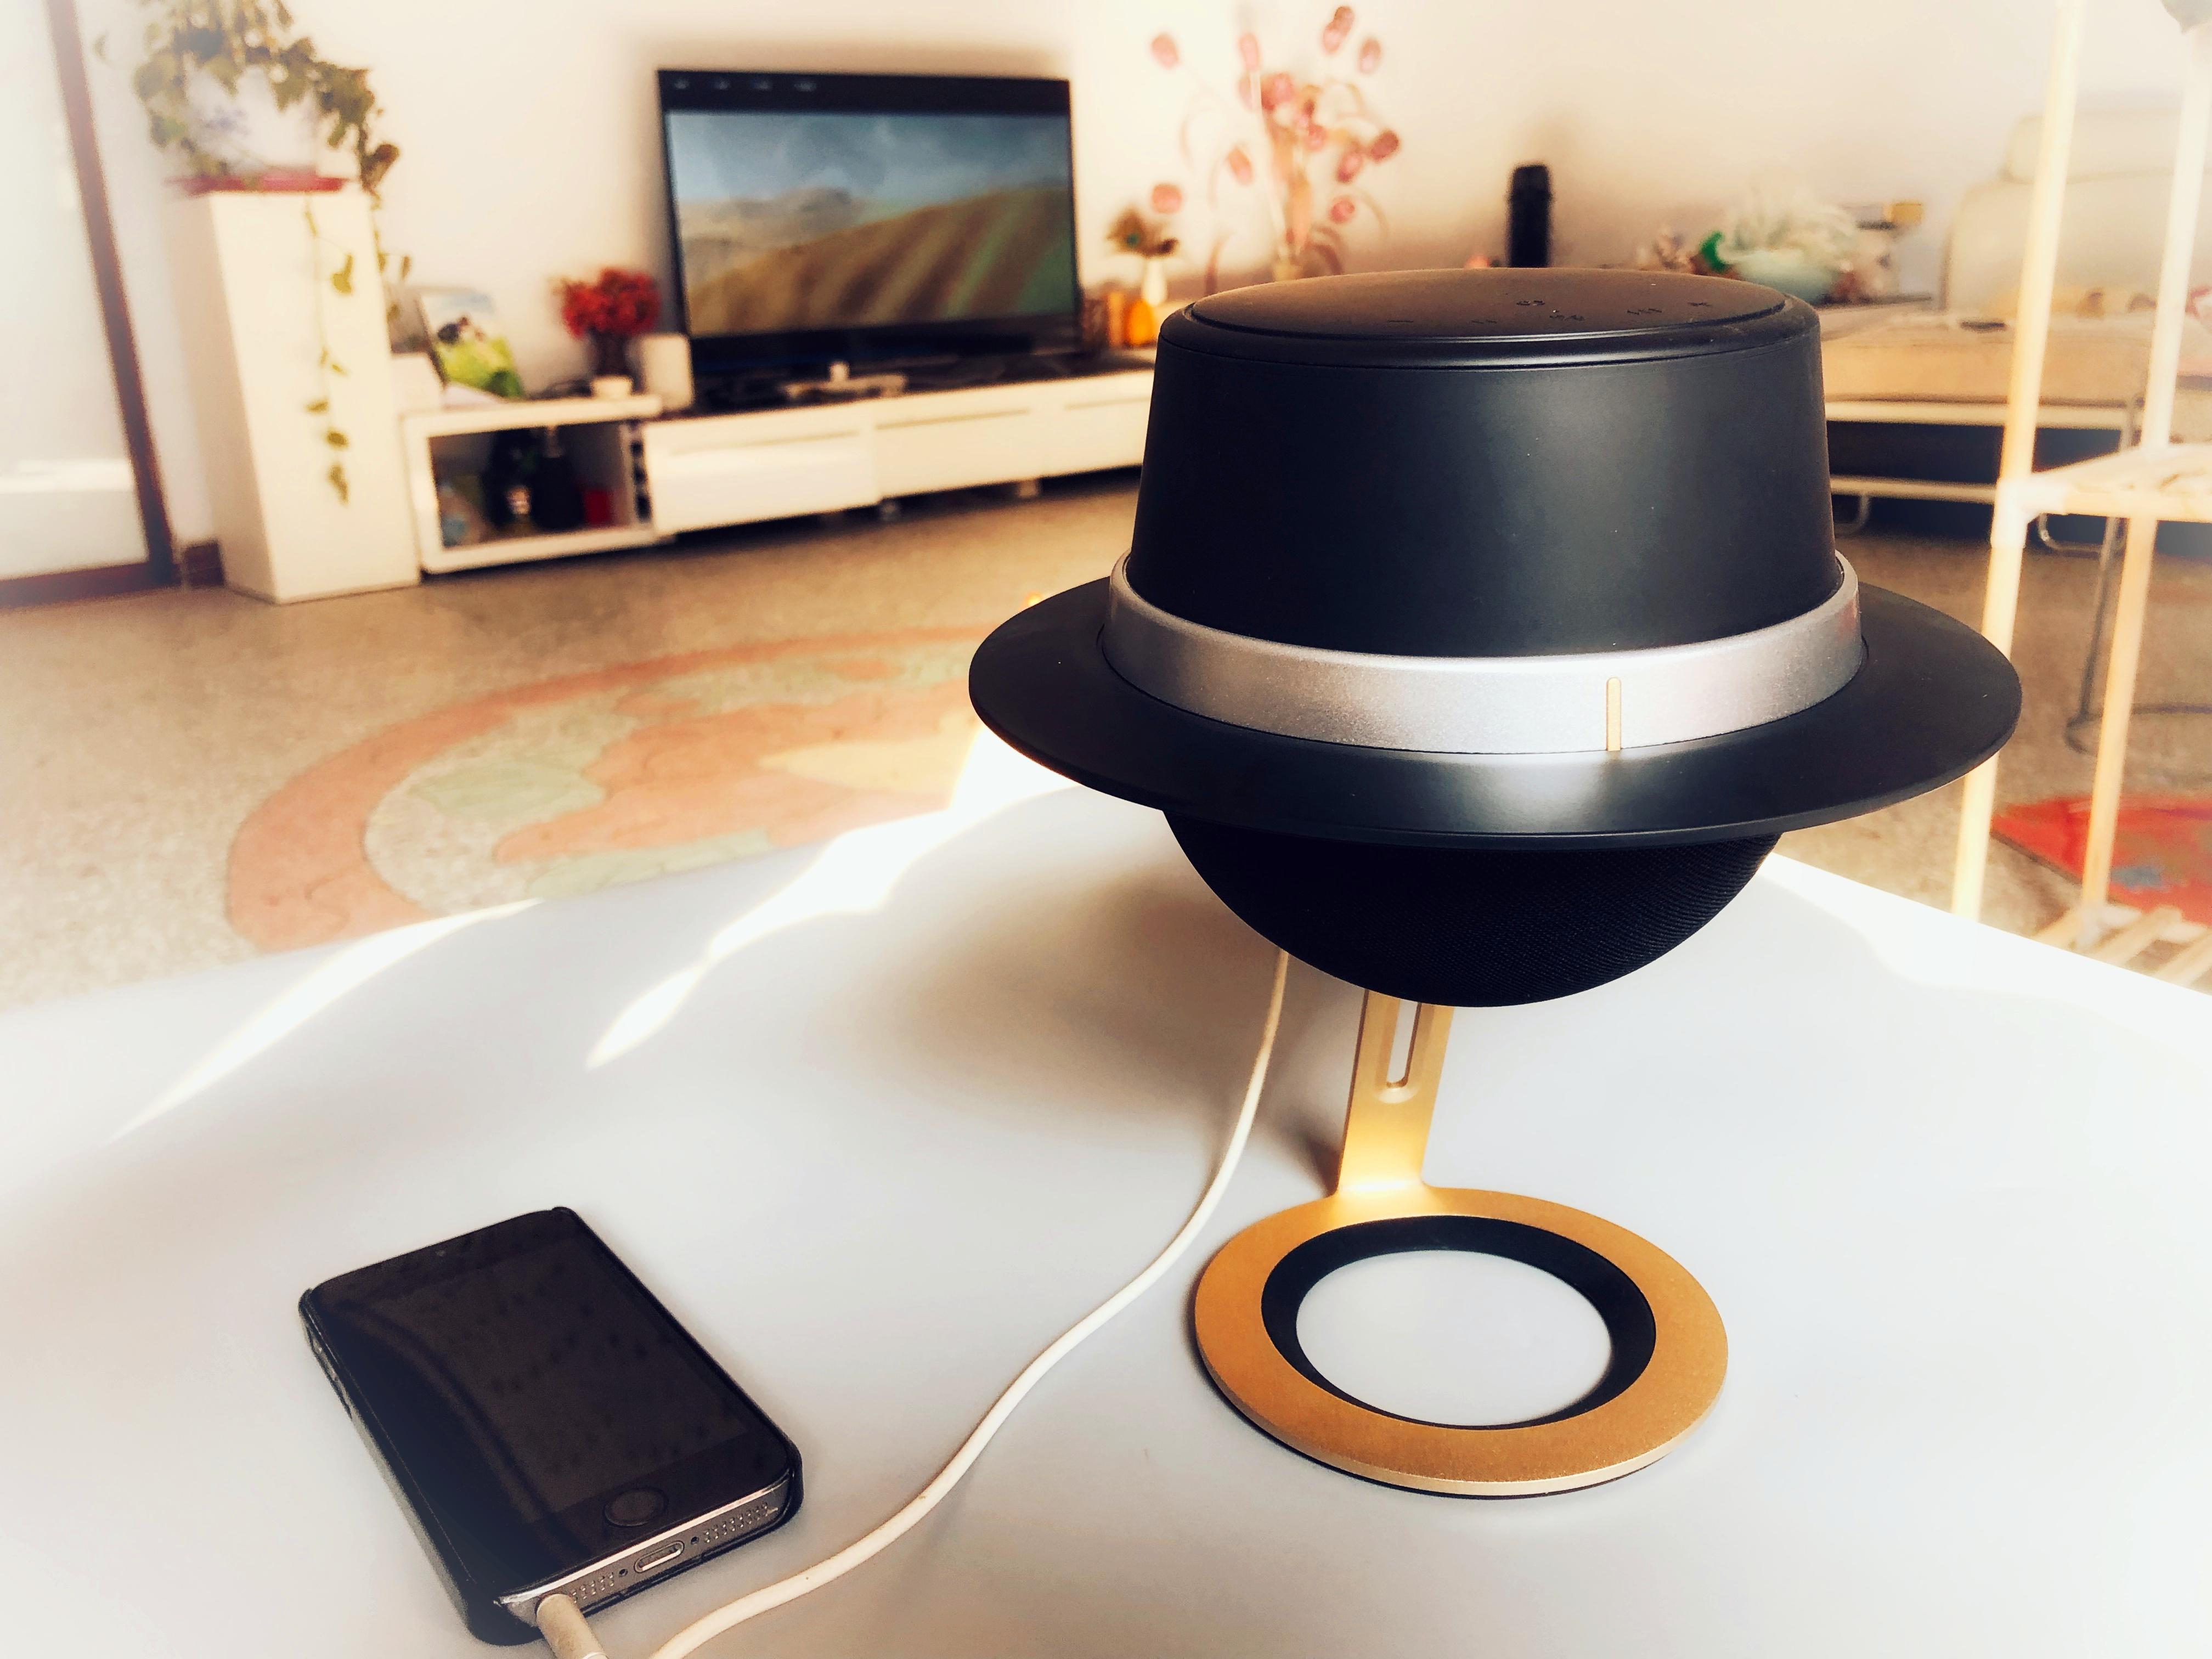 造型独特超有艺术感-音磅 Michael 桌面便捷蓝牙音箱体验